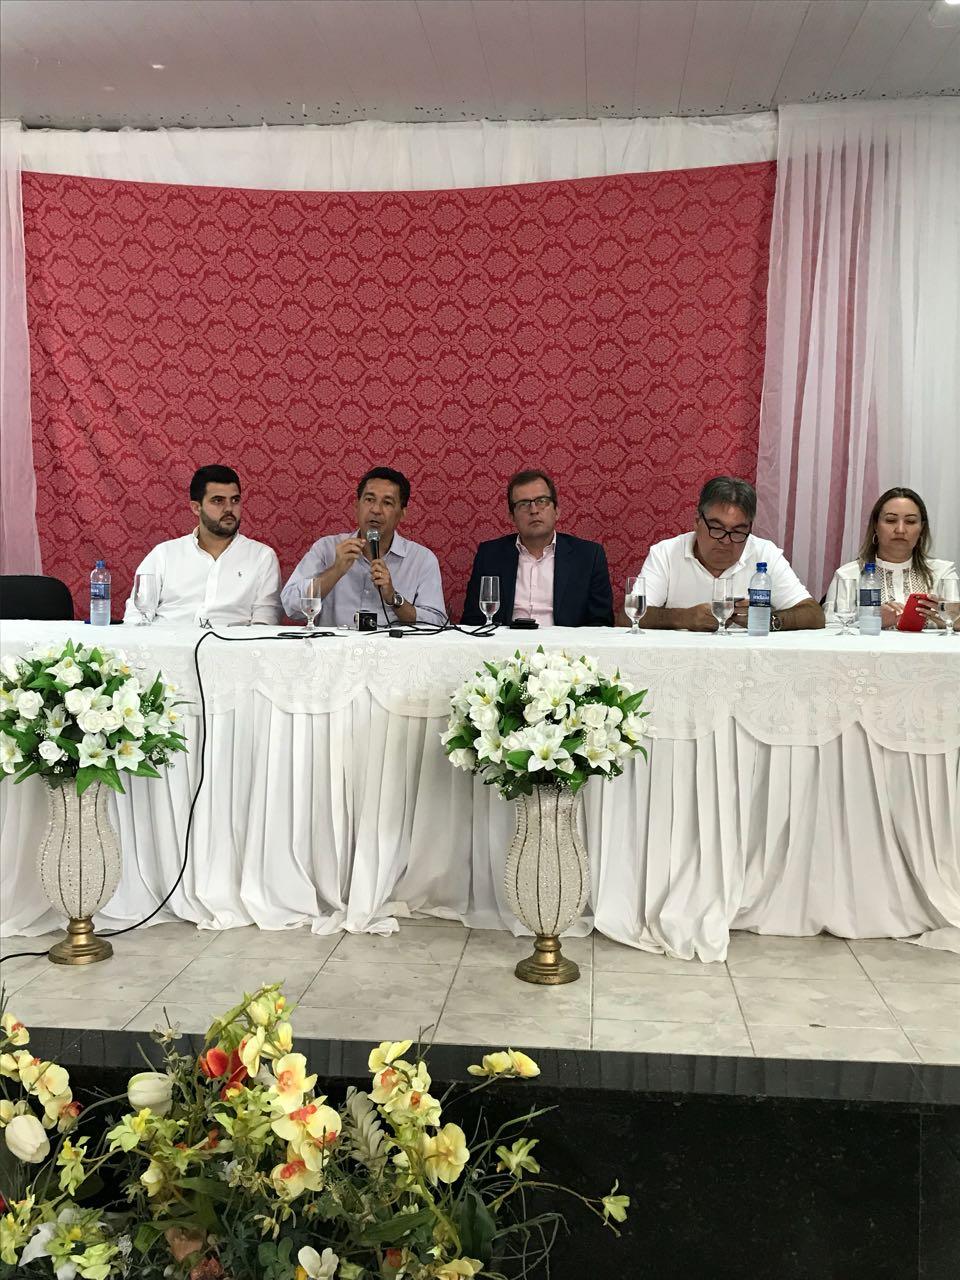 Deputado visita hospitais sertanejos e comemora liberação de verbas